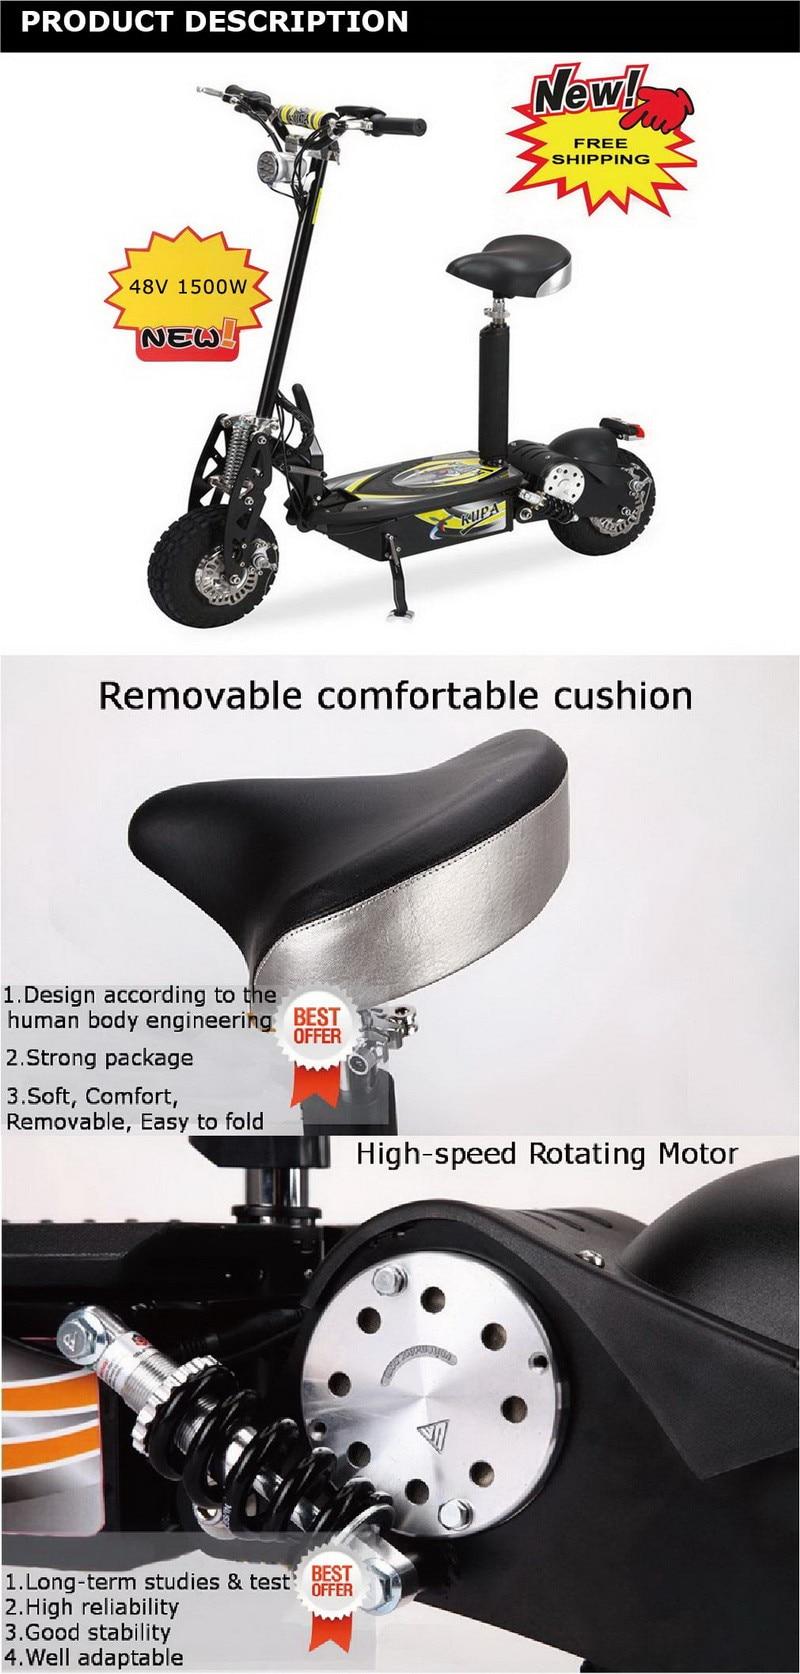 BSO41 48 в 1500 Вт высококачественный Мини Складной электрический скутер, складной электрический скутер, самокат для взрослых